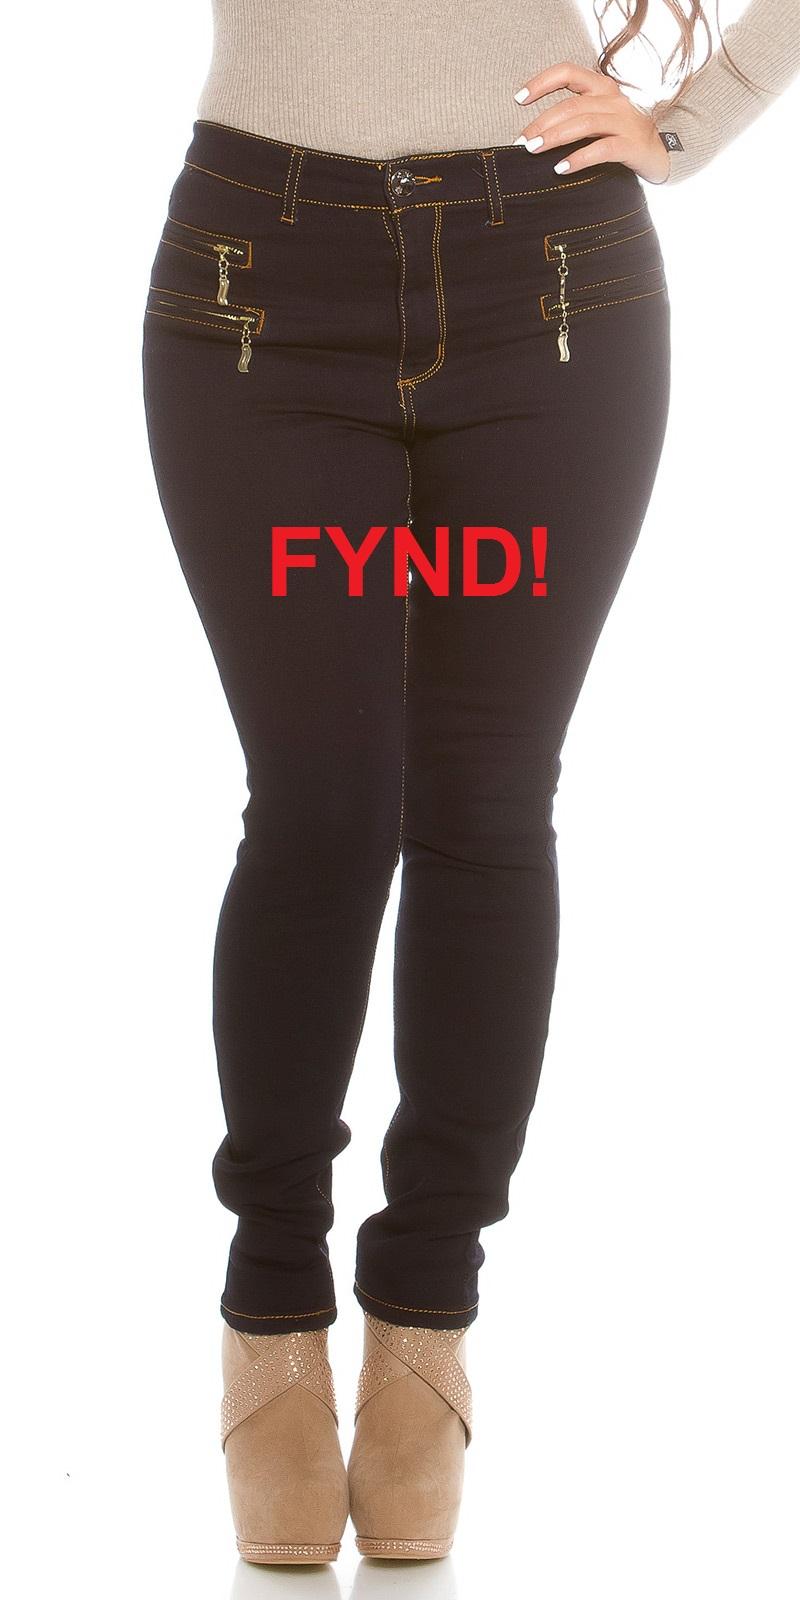 Blå stretchjeans - Fynd (38)